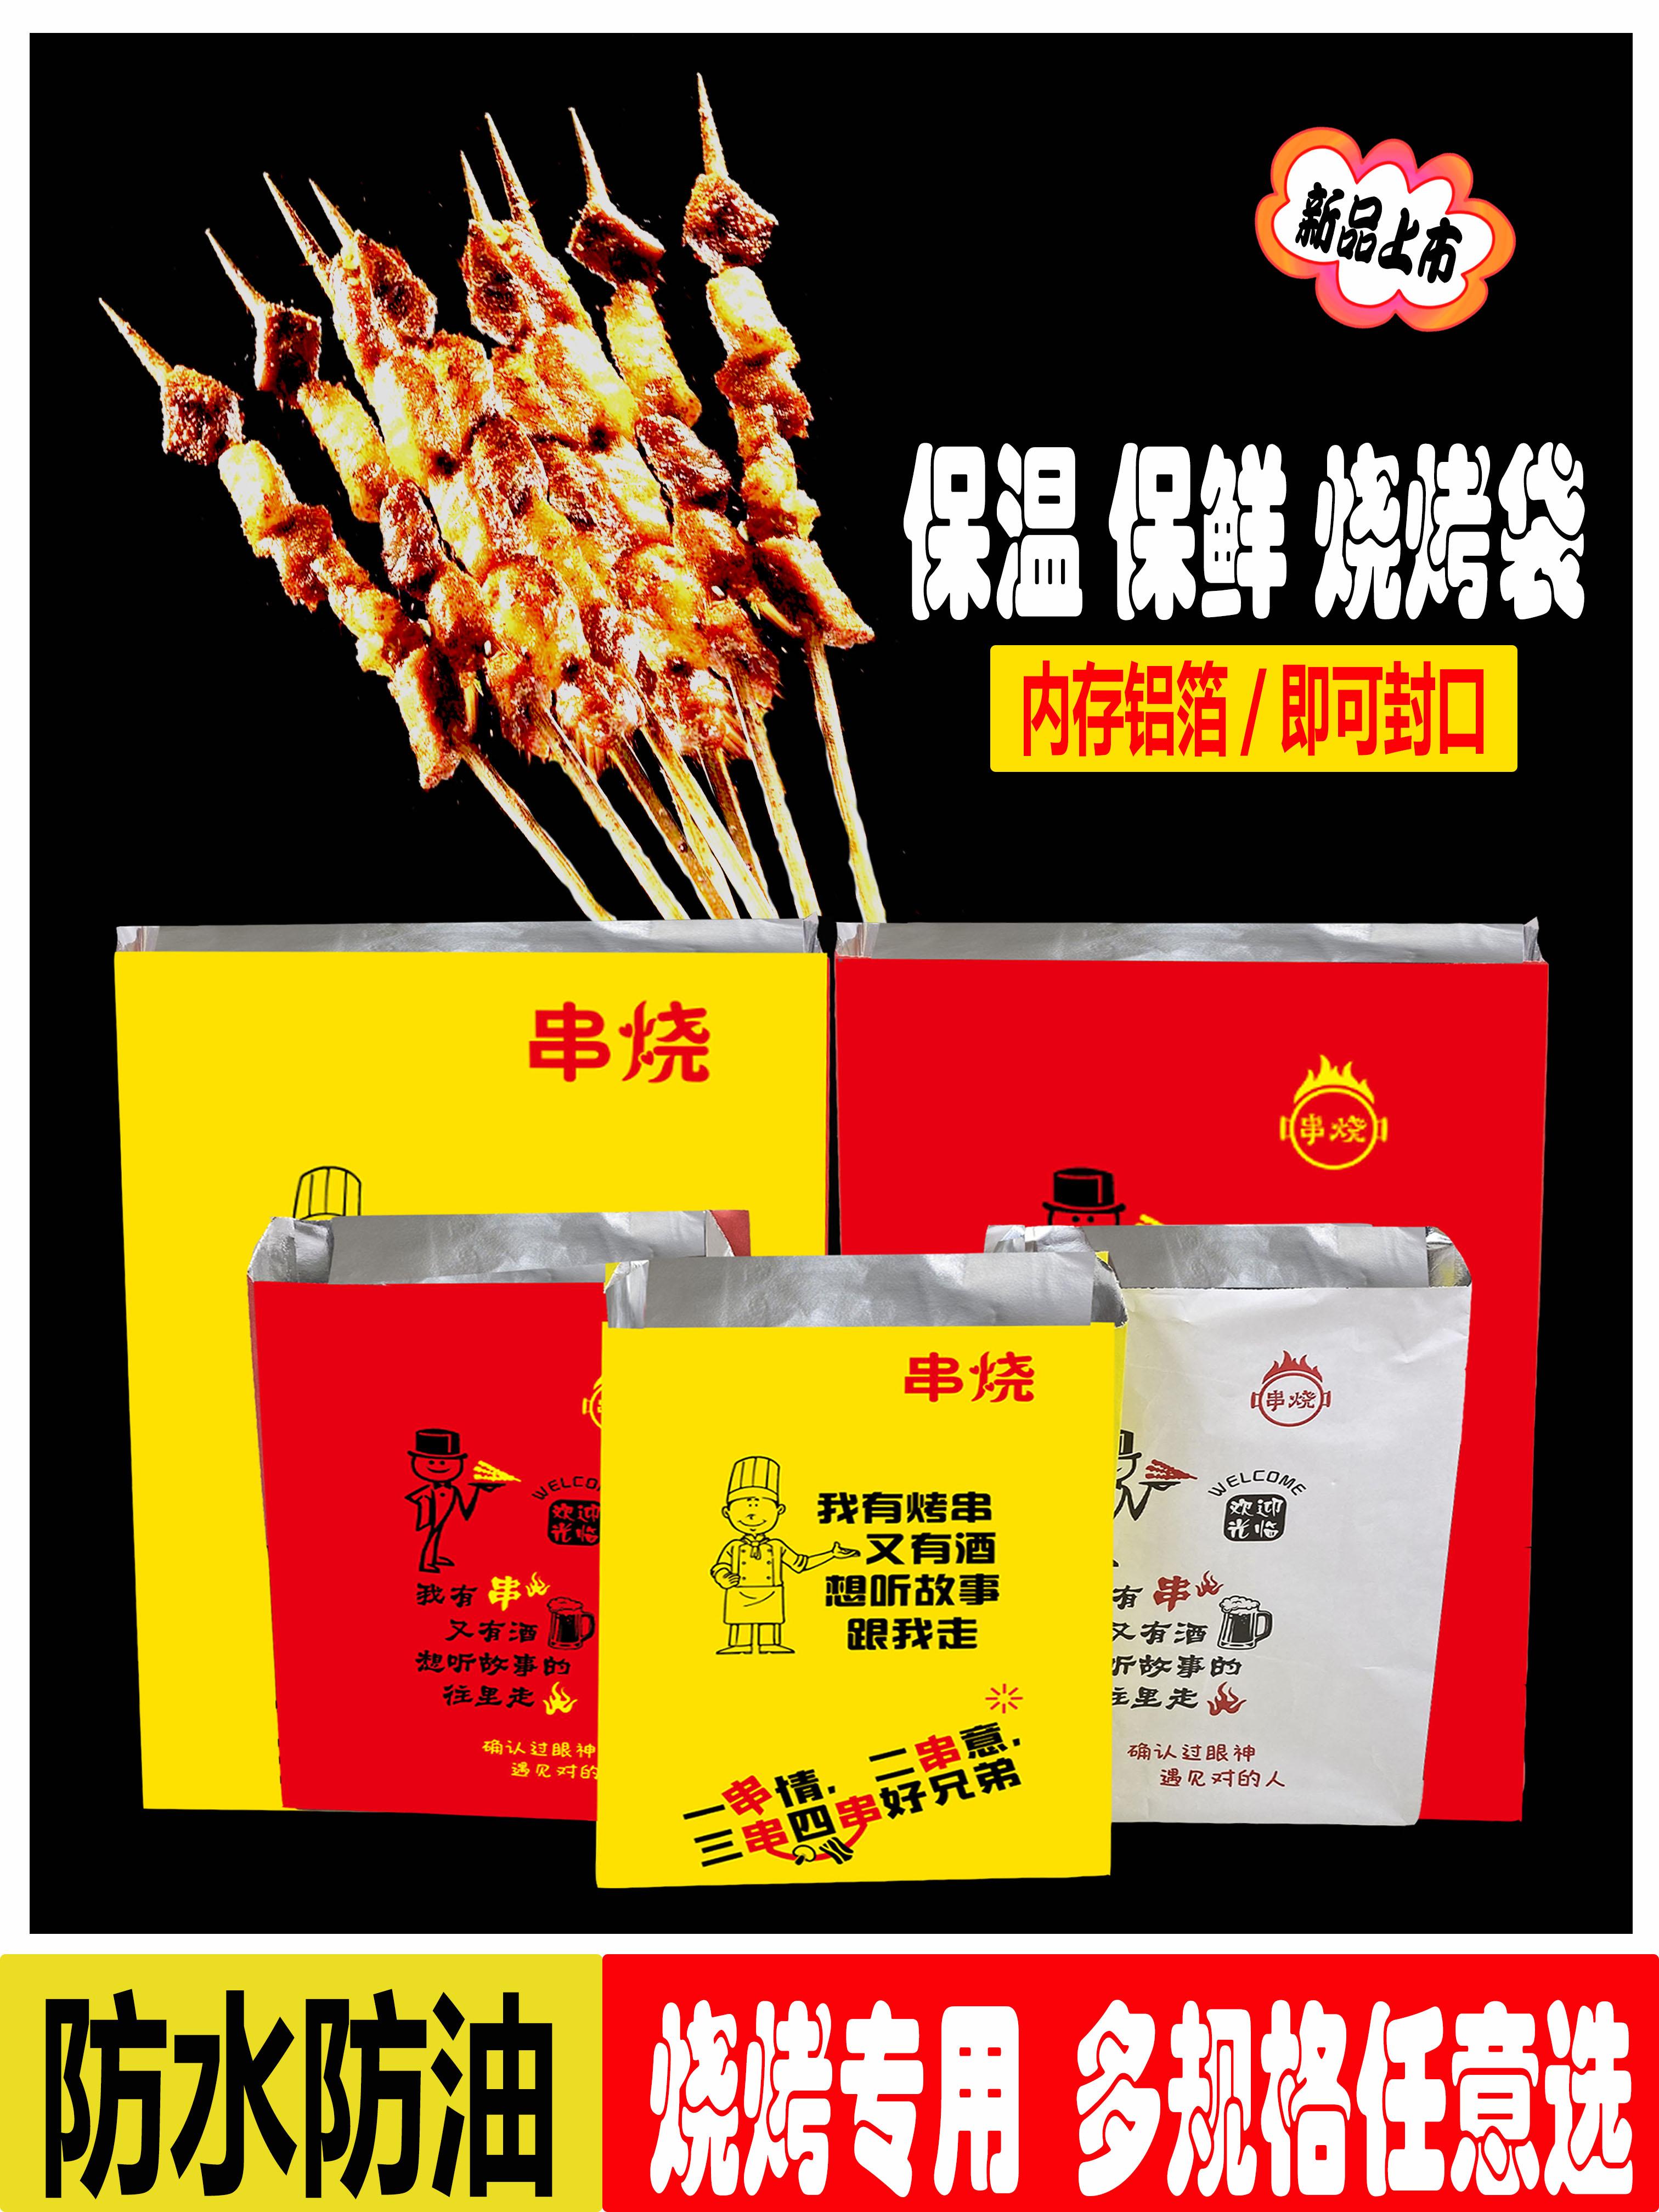 烧烤打包袋铝箔保温一次性外卖炸串撸串烤串防油袋子锡纸袋子定制